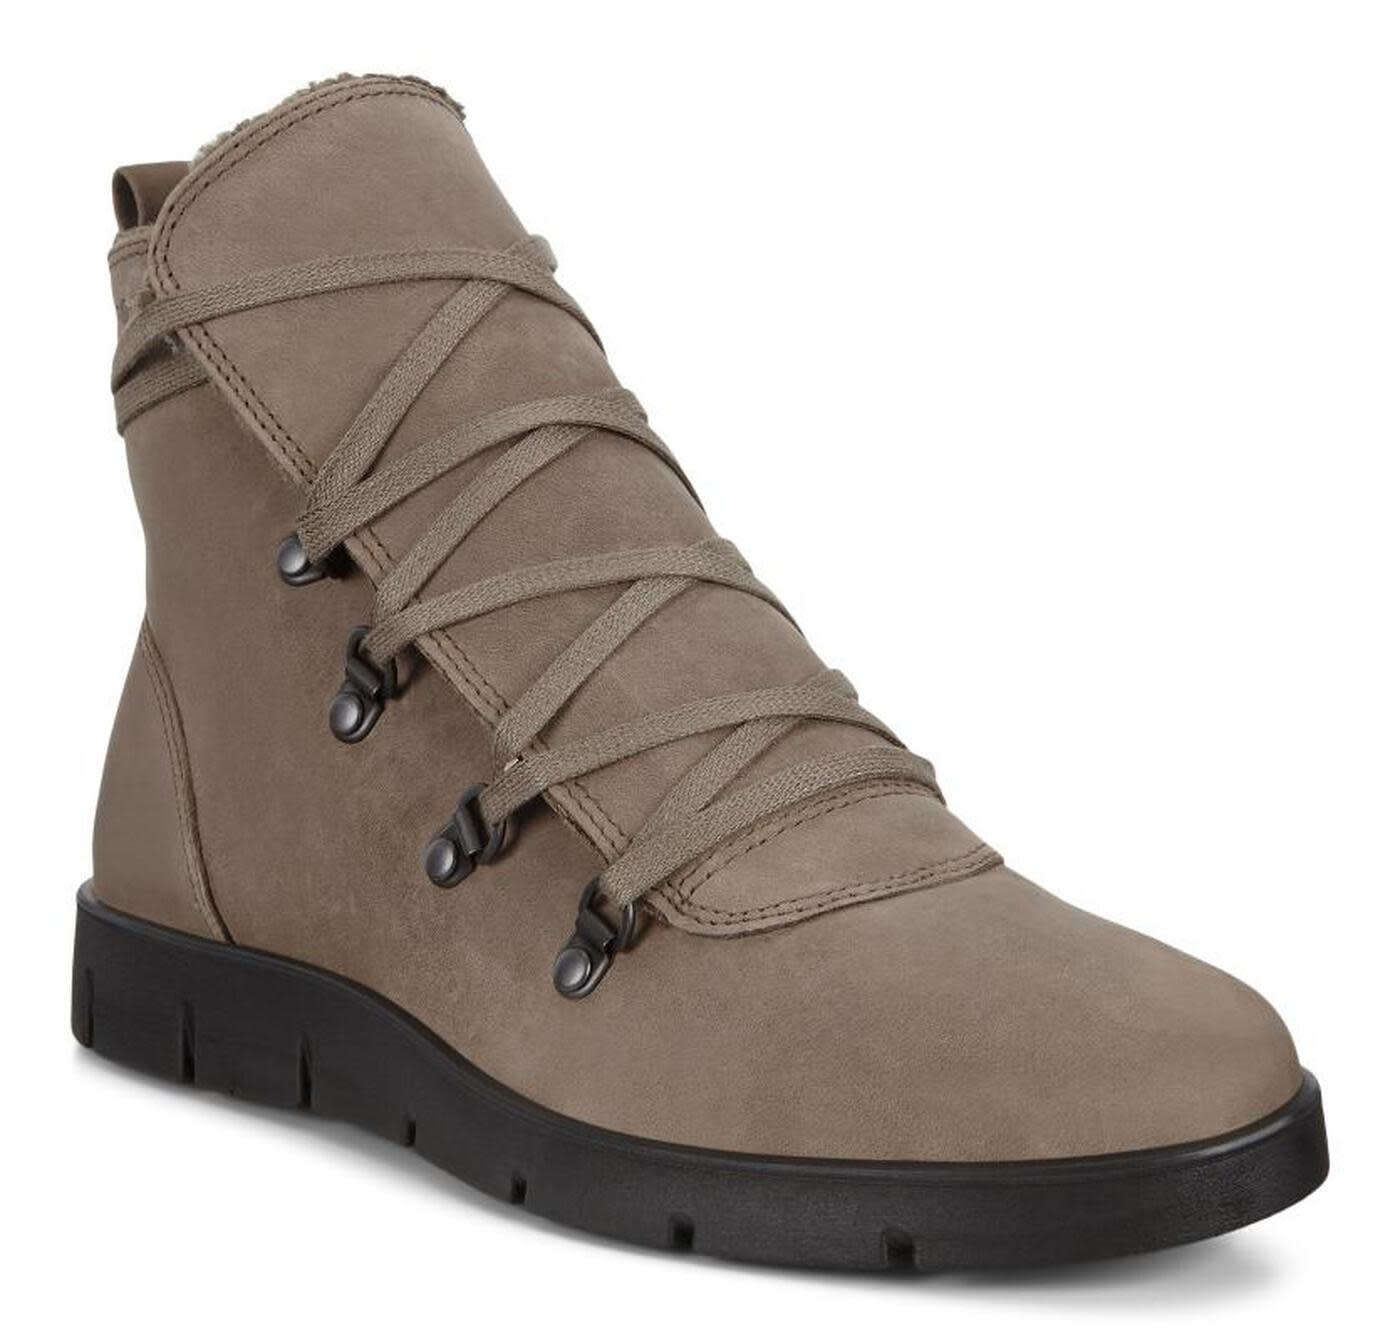 Ecco Bella Ankle Boot Stone 282293 02064